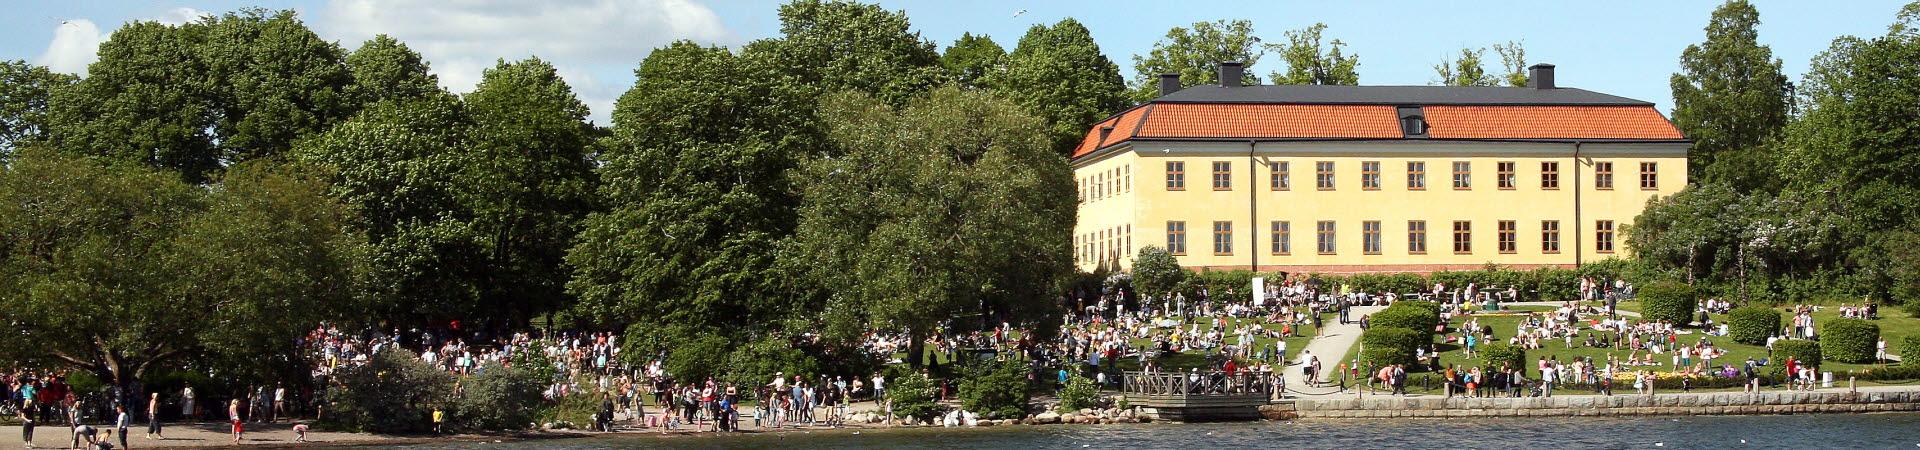 Edsbergs slott och park där många människor som firar nationaldagen.